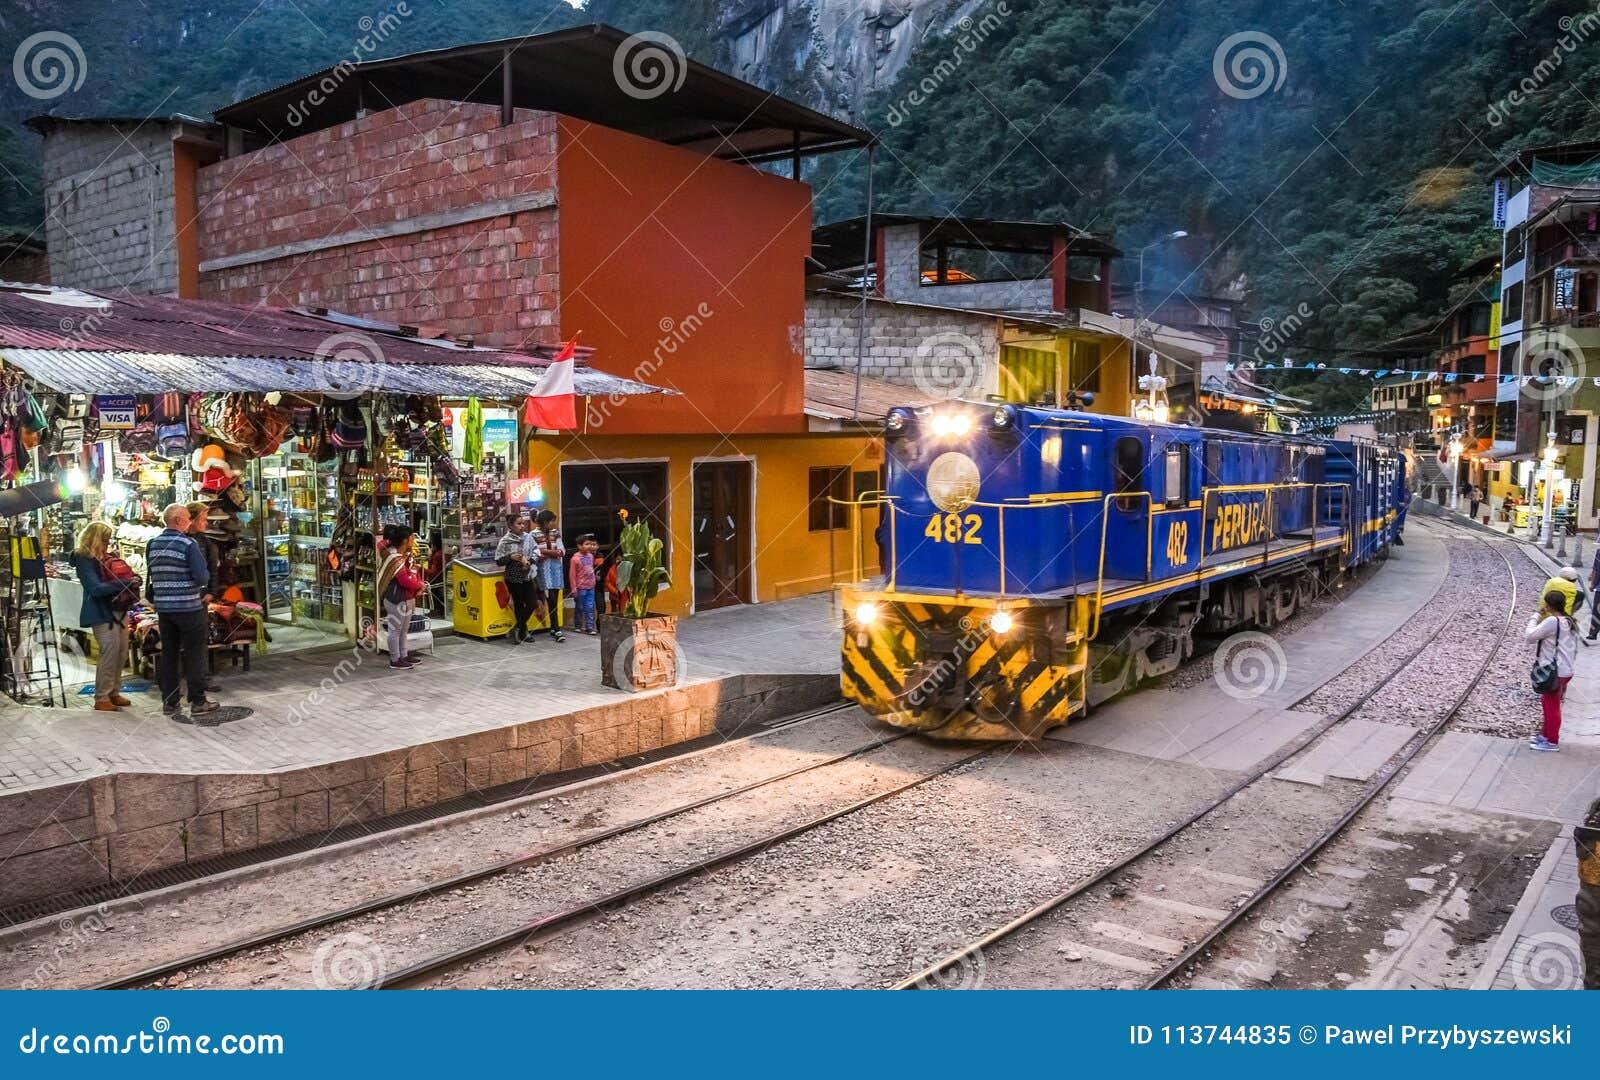 Aguas Calientes, Cusco, Mach Picchu /Peru 07/ 15 2017